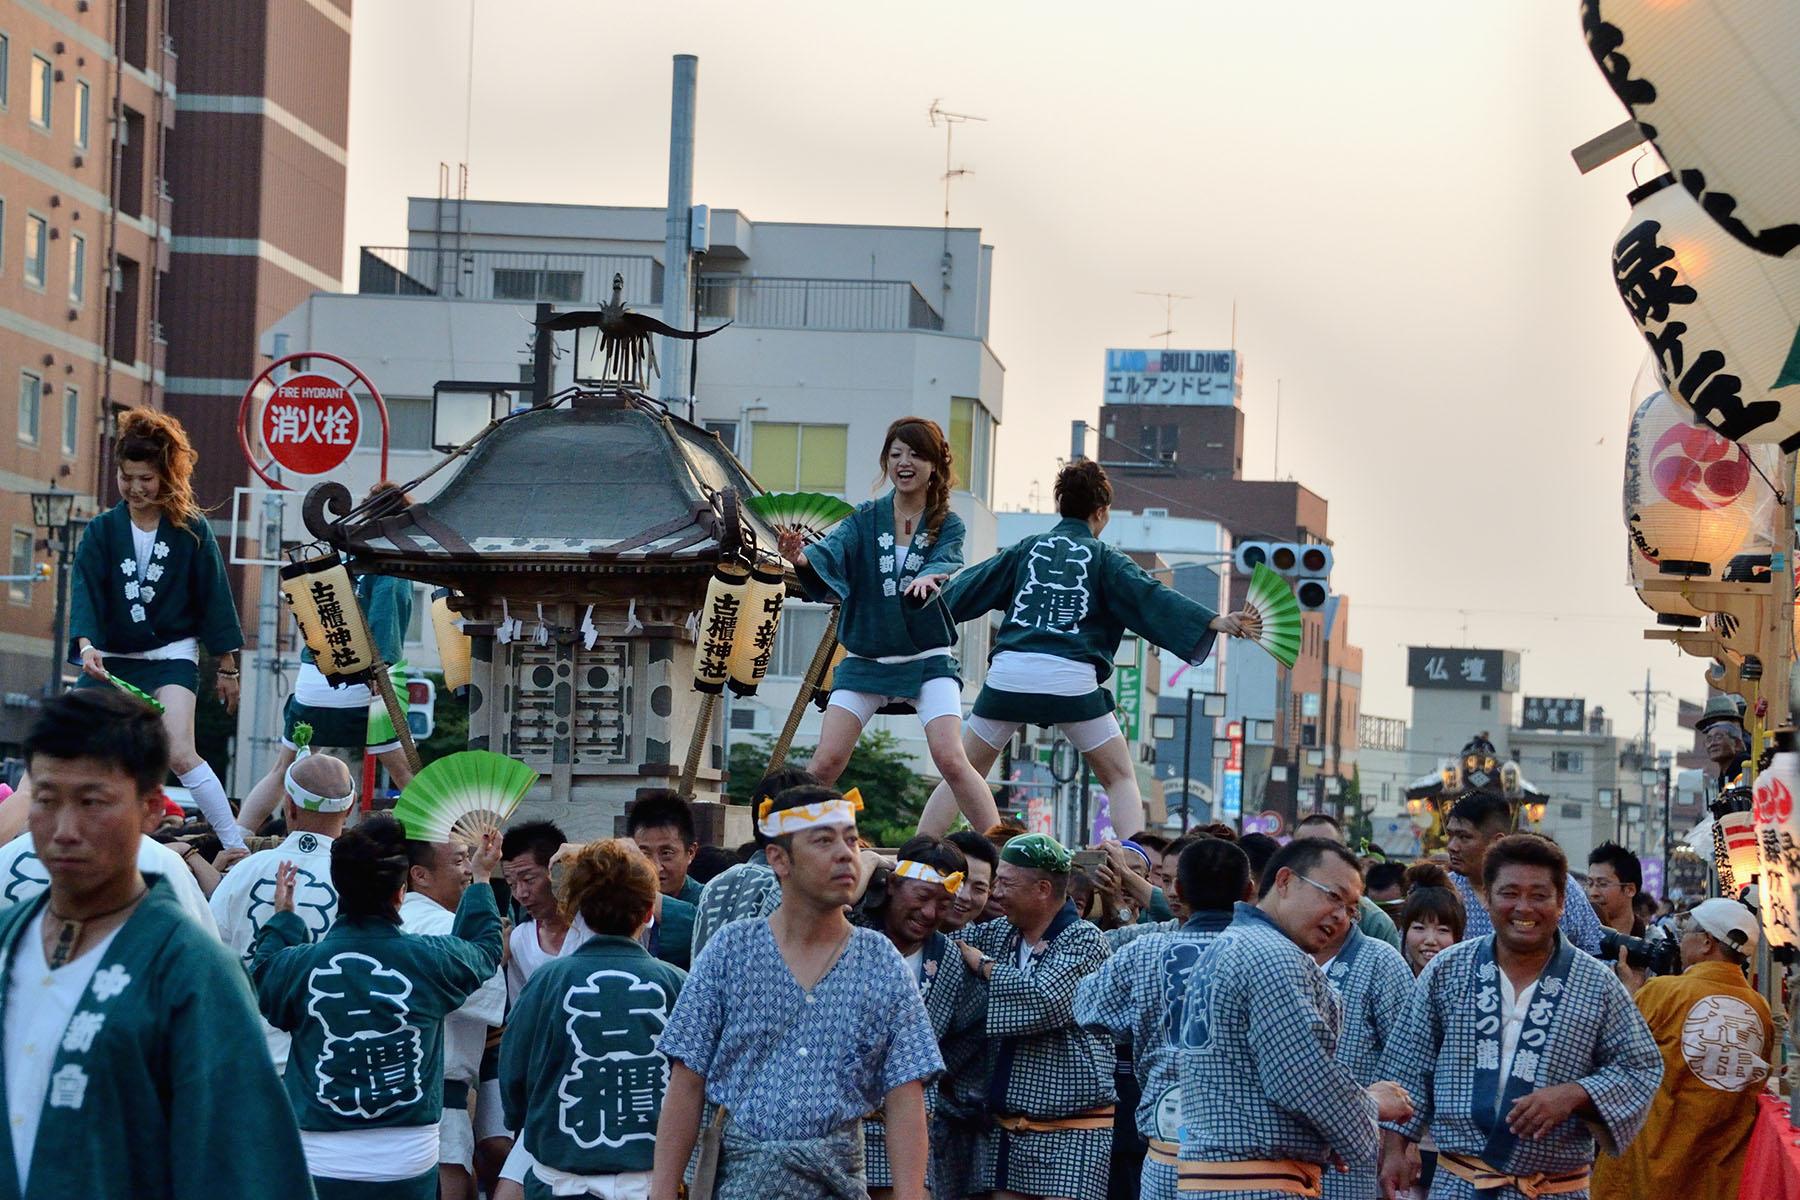 深谷まつり JR深谷駅北口お祭り広場